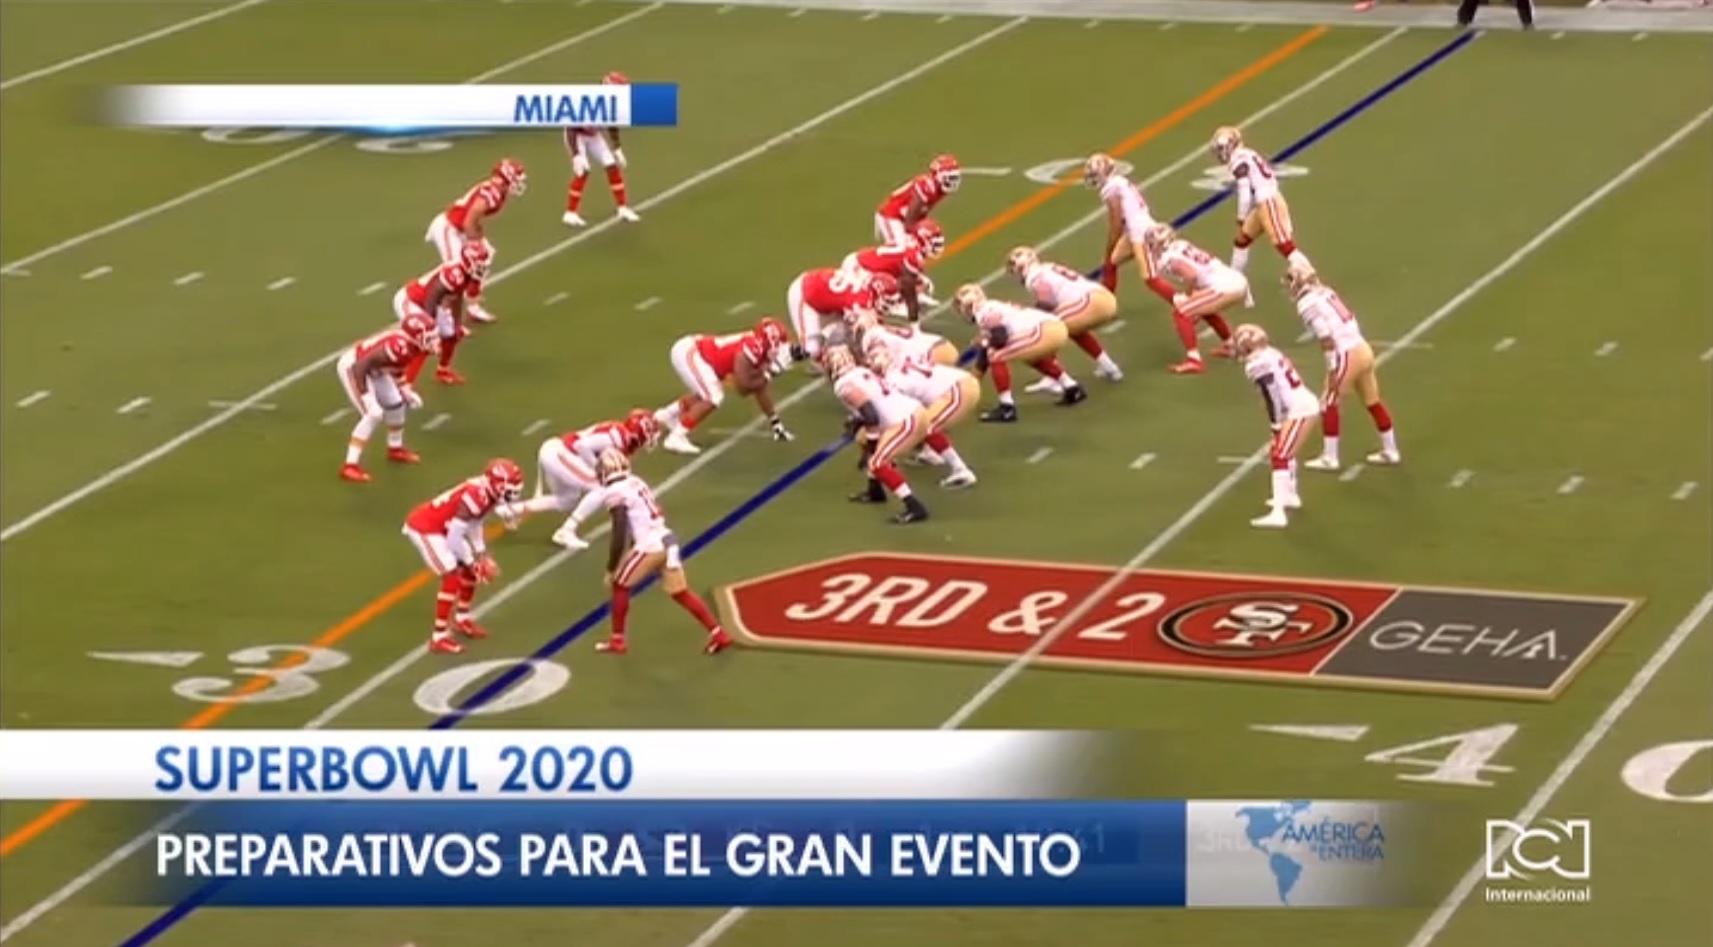 Miami respira ambiente de fiesta en la antesala del Super Bowl 2020